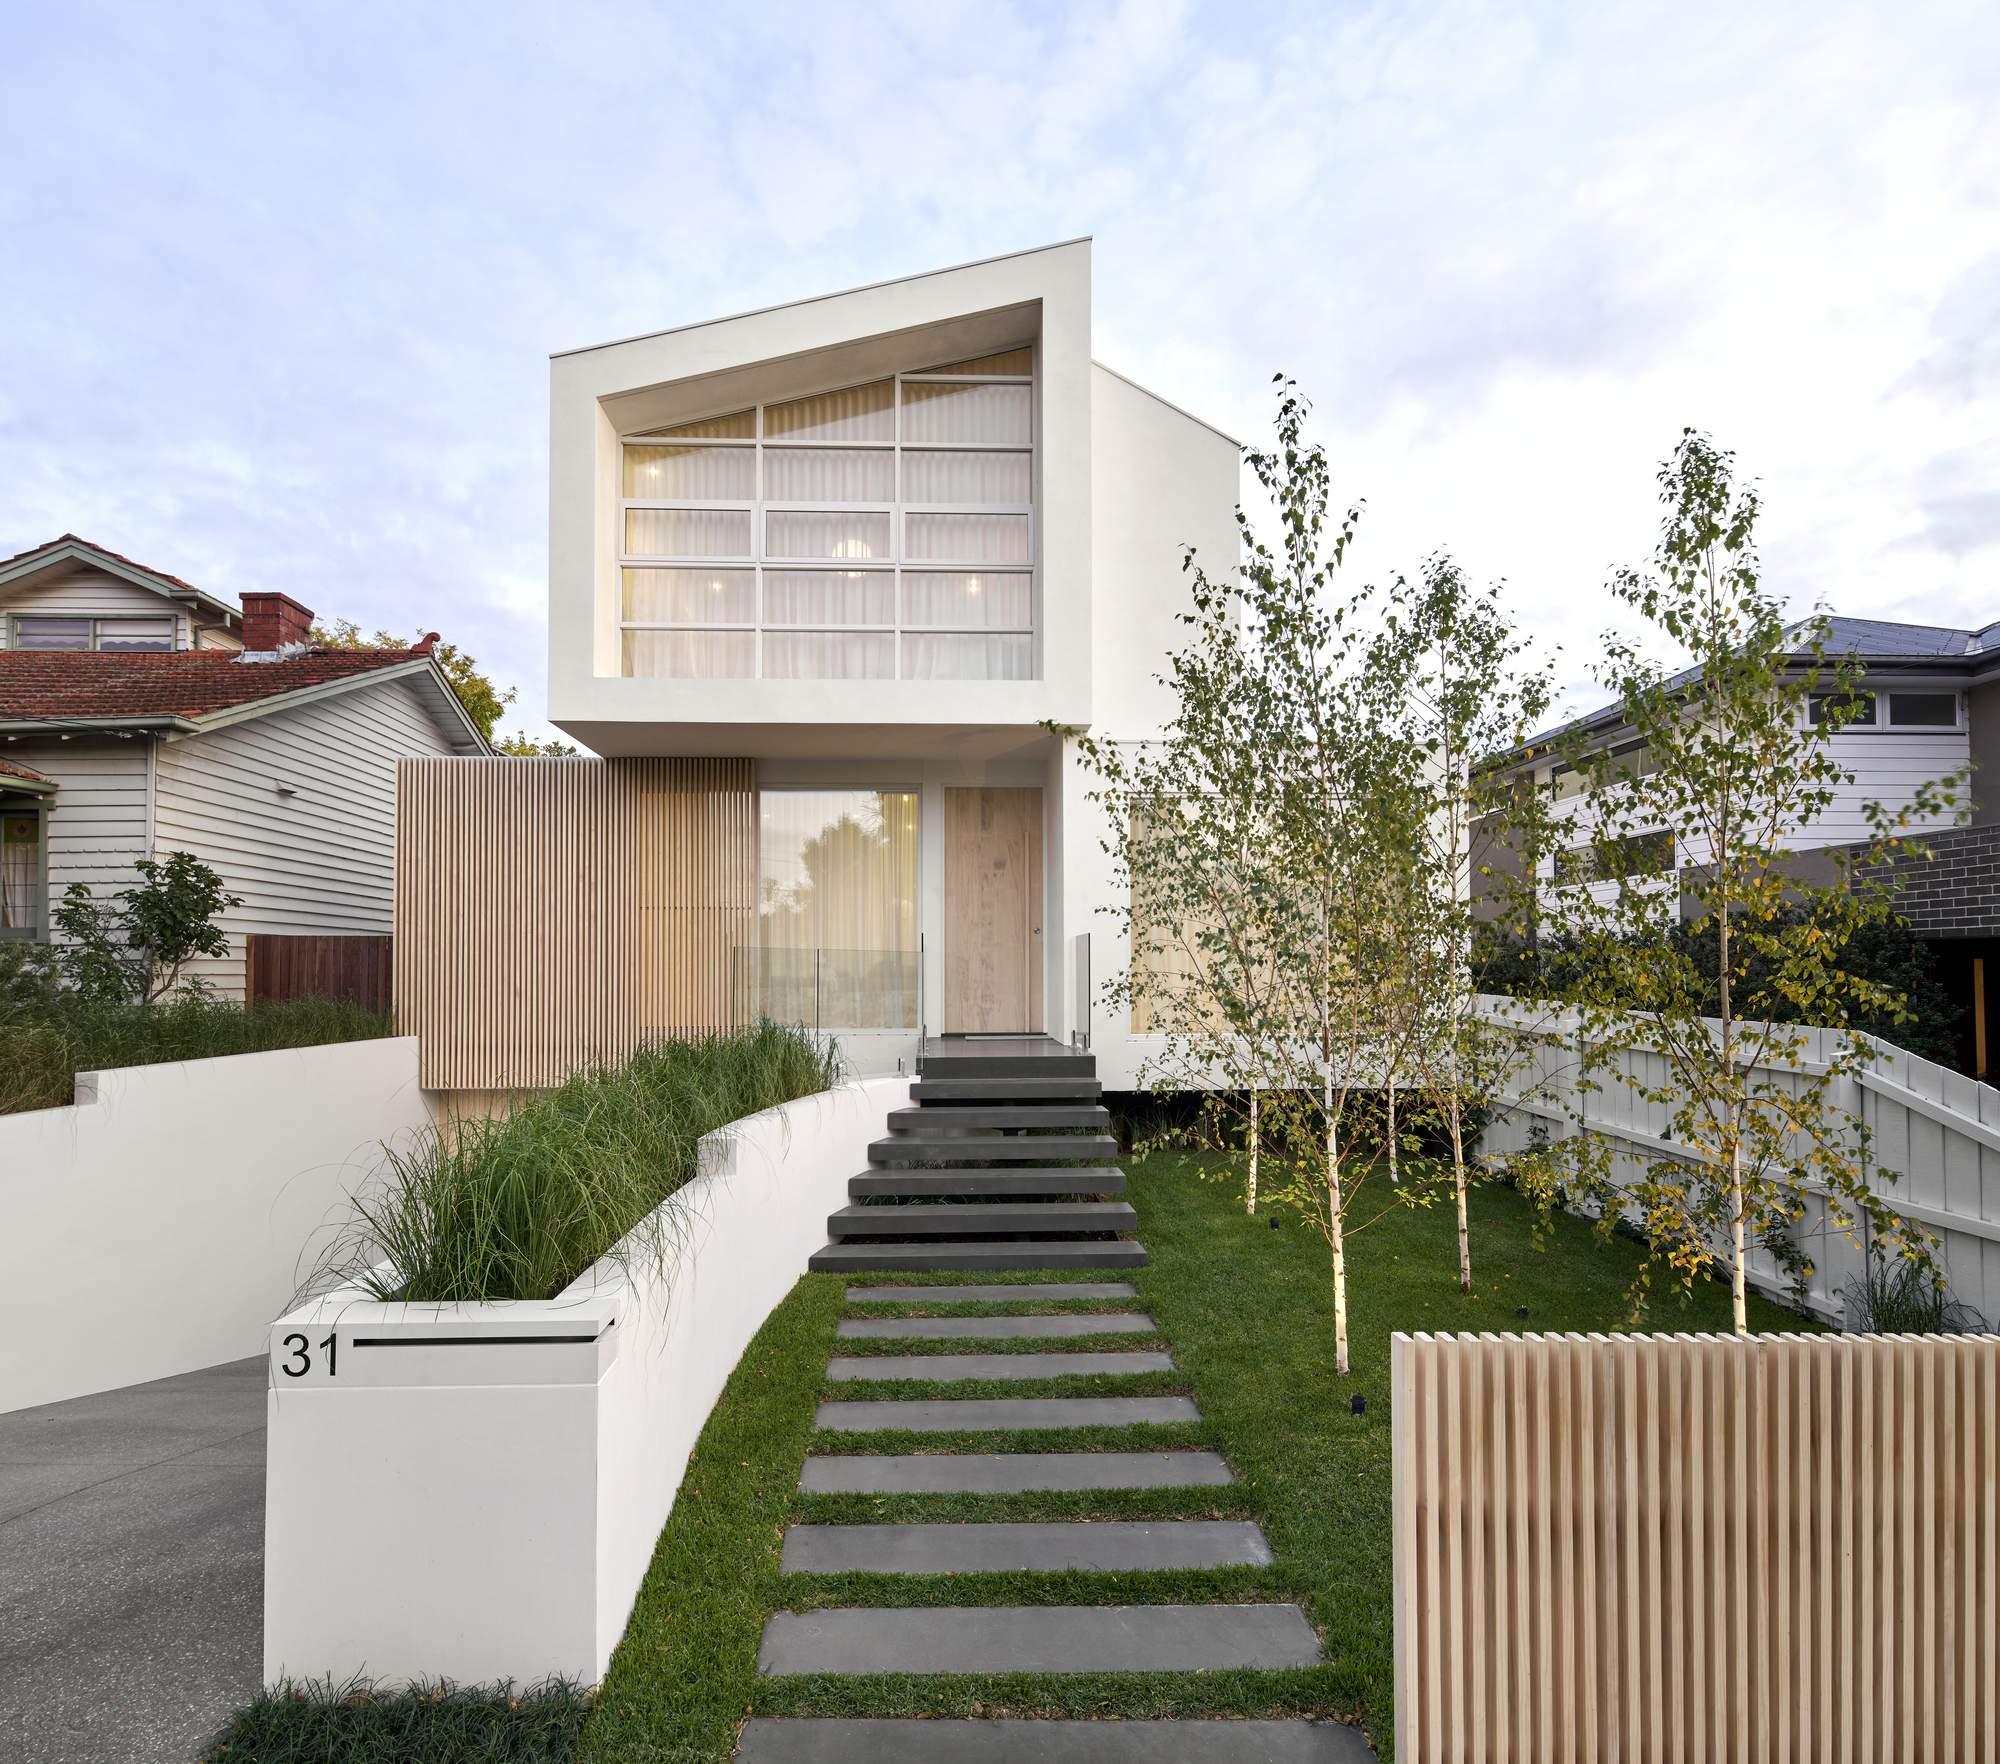 Минималистский семейный дом с вневременной эстетикой, Австралия